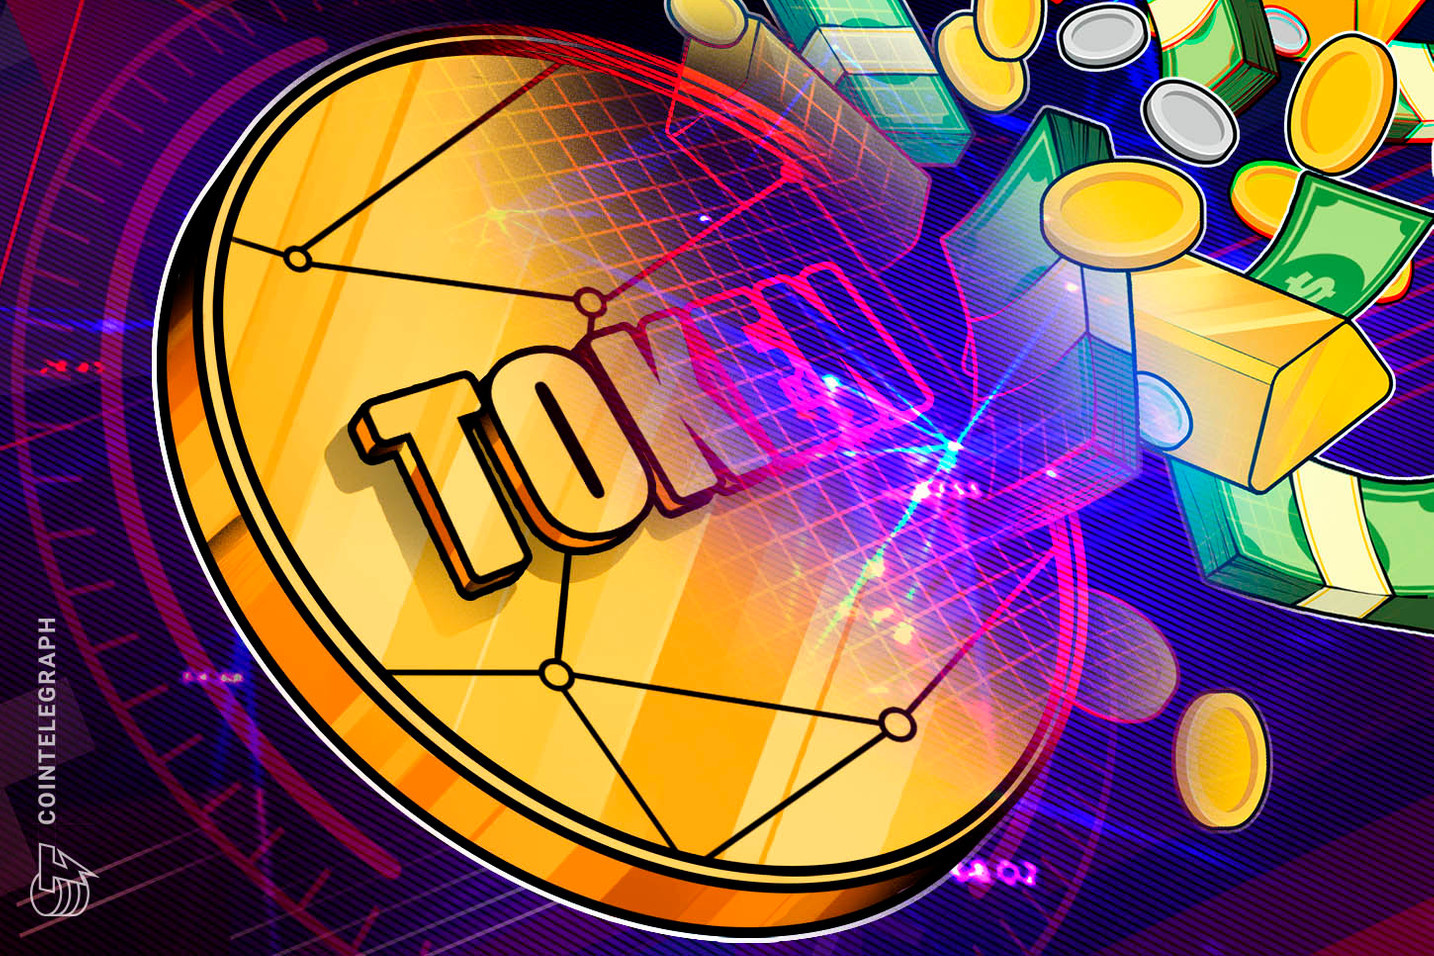 Segretaria generale della Consob annuncia il lancio di uno studio sui security token